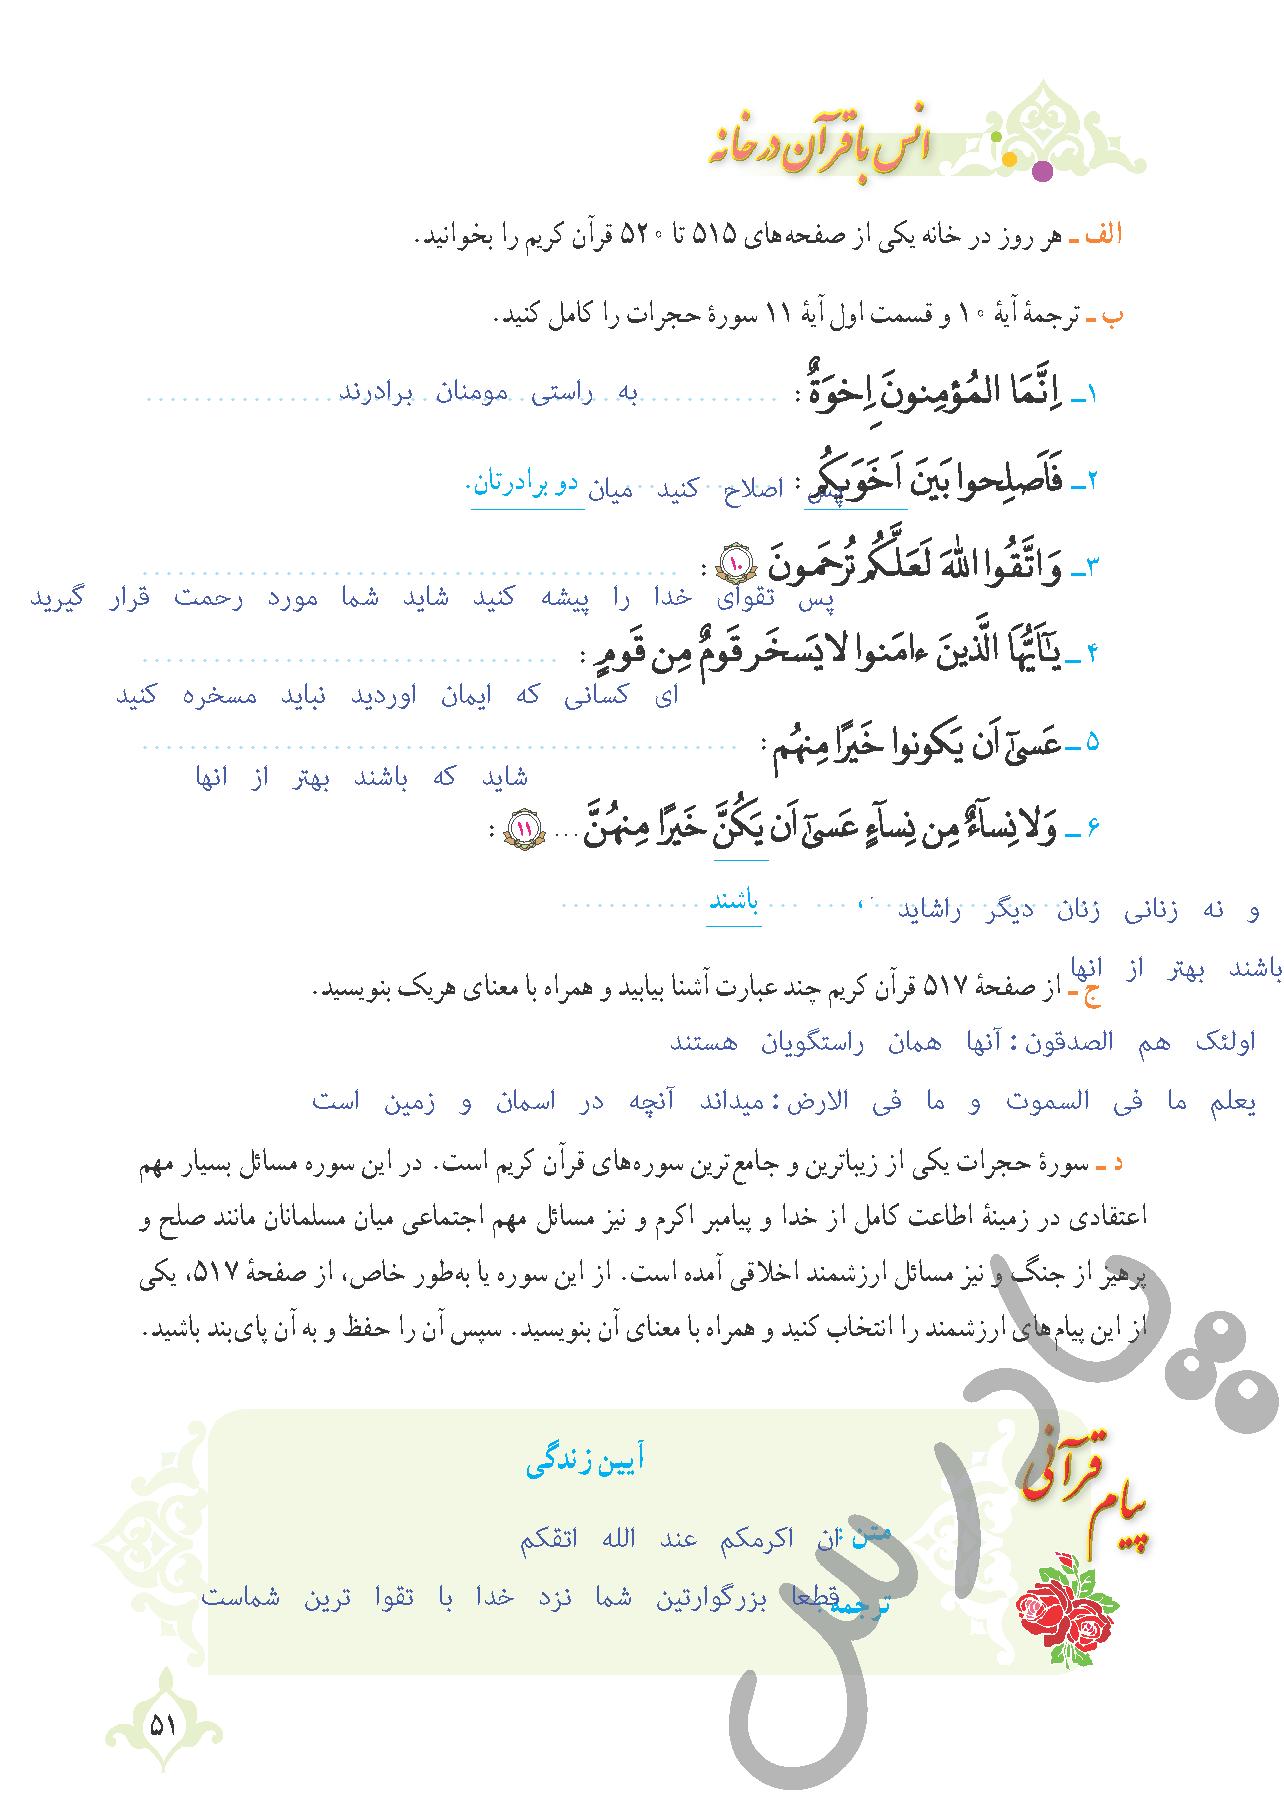 جواب انس با قرآن درس 4 قرآن نهم - بخش دوم